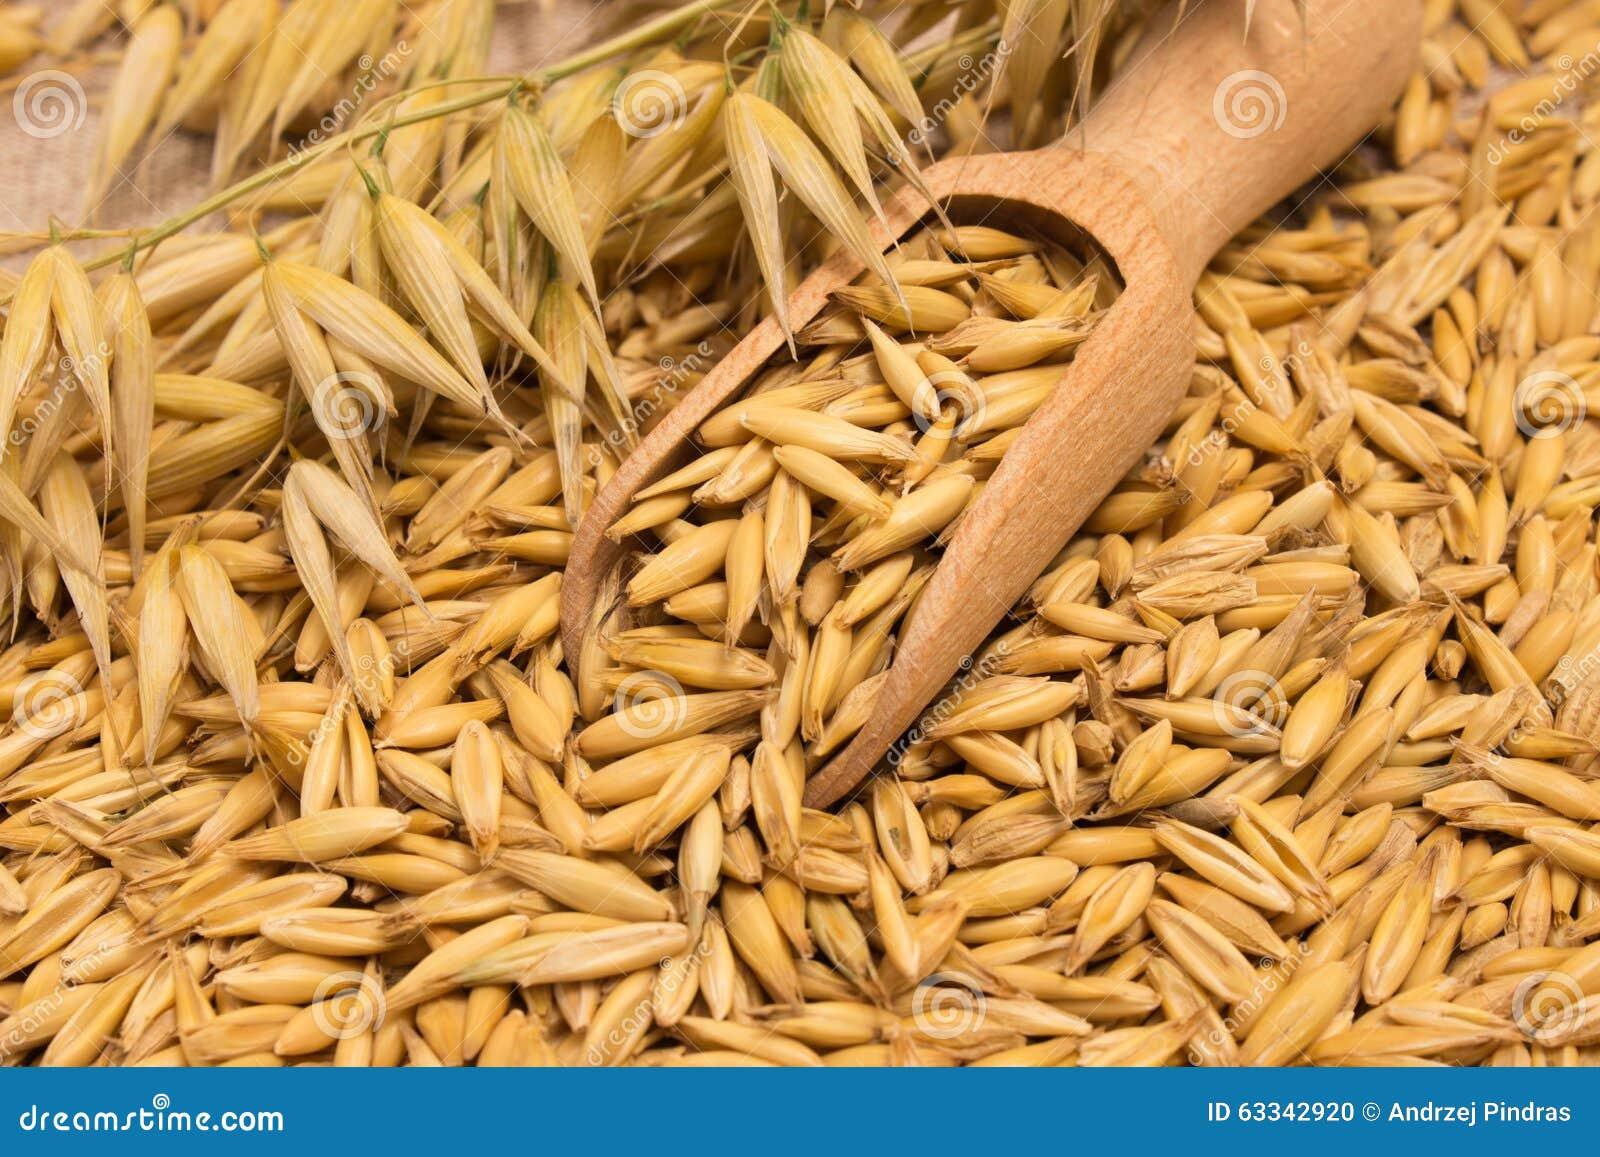 зерна овса как употреблять от холестерина